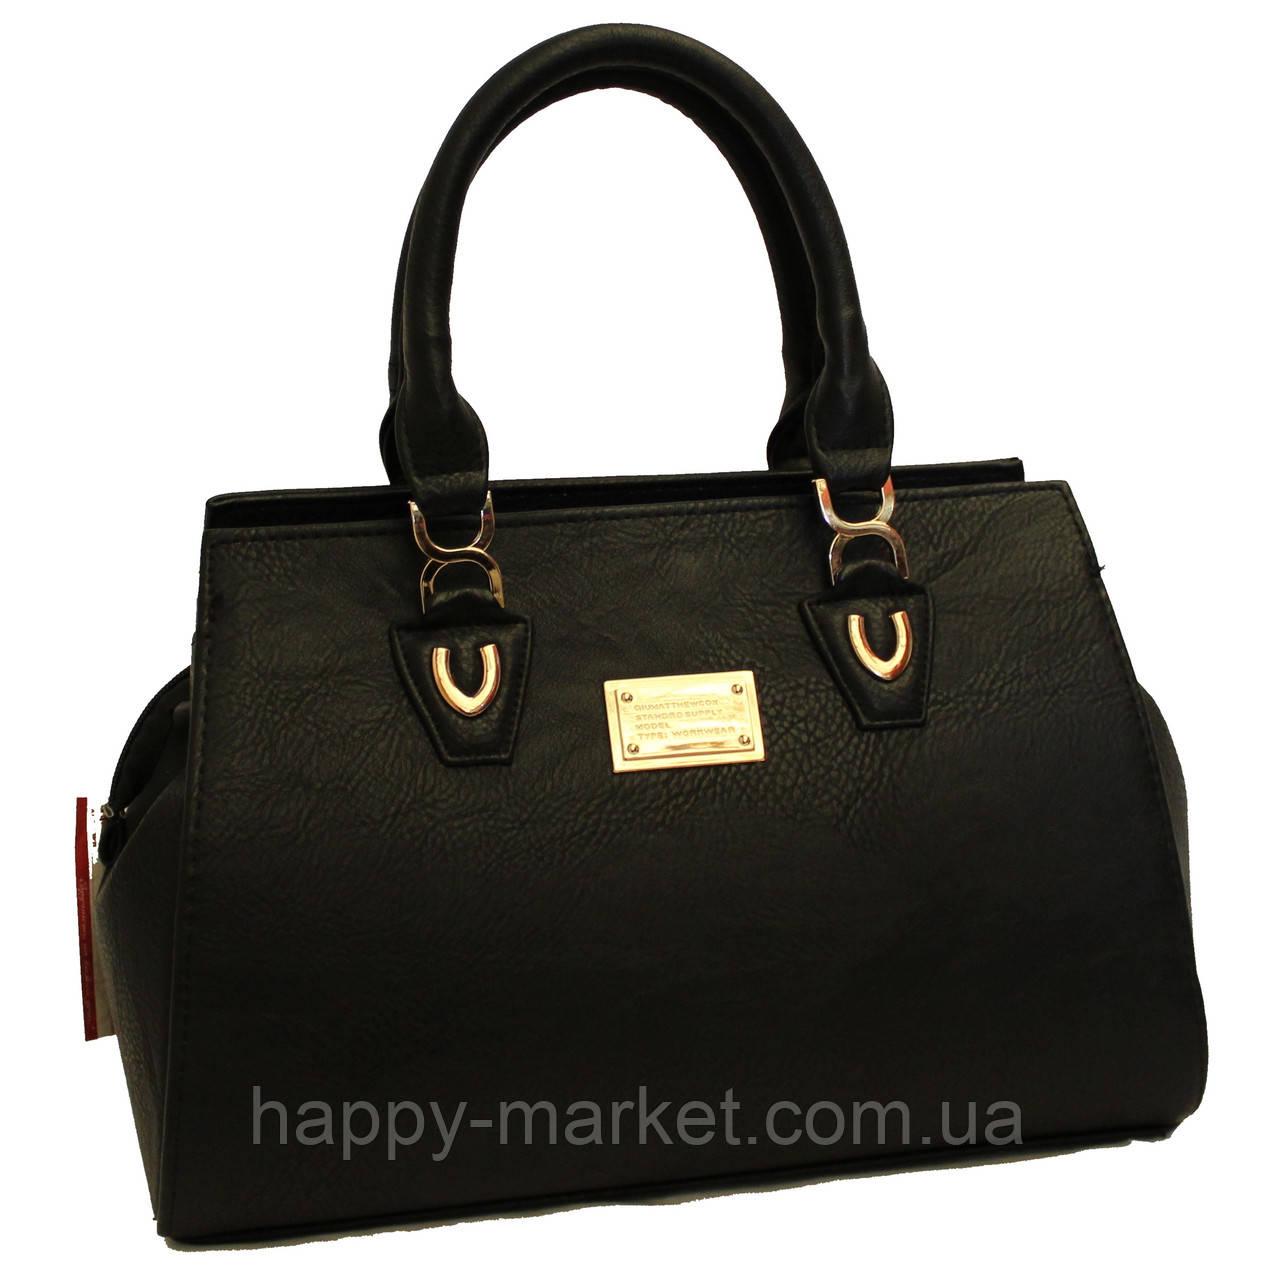 Сумка женская классическая каркасная Fashion  552802-3